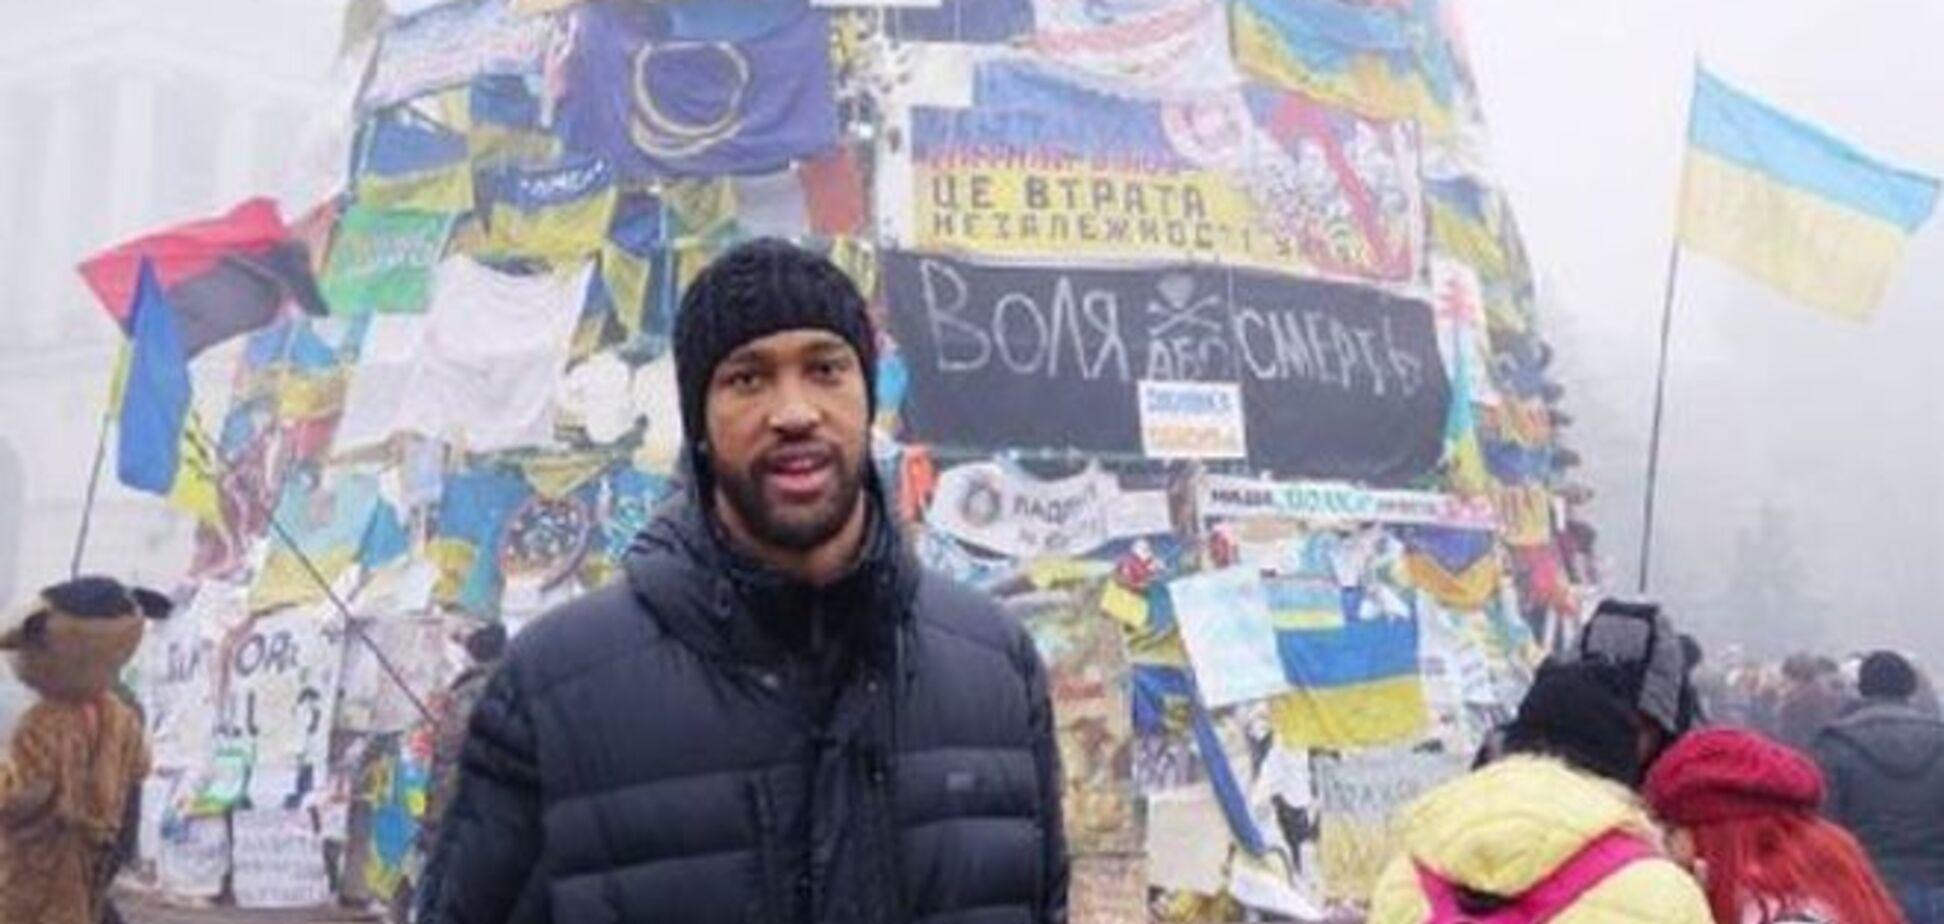 Переживал за всех людей, с которыми познакомился в Украине